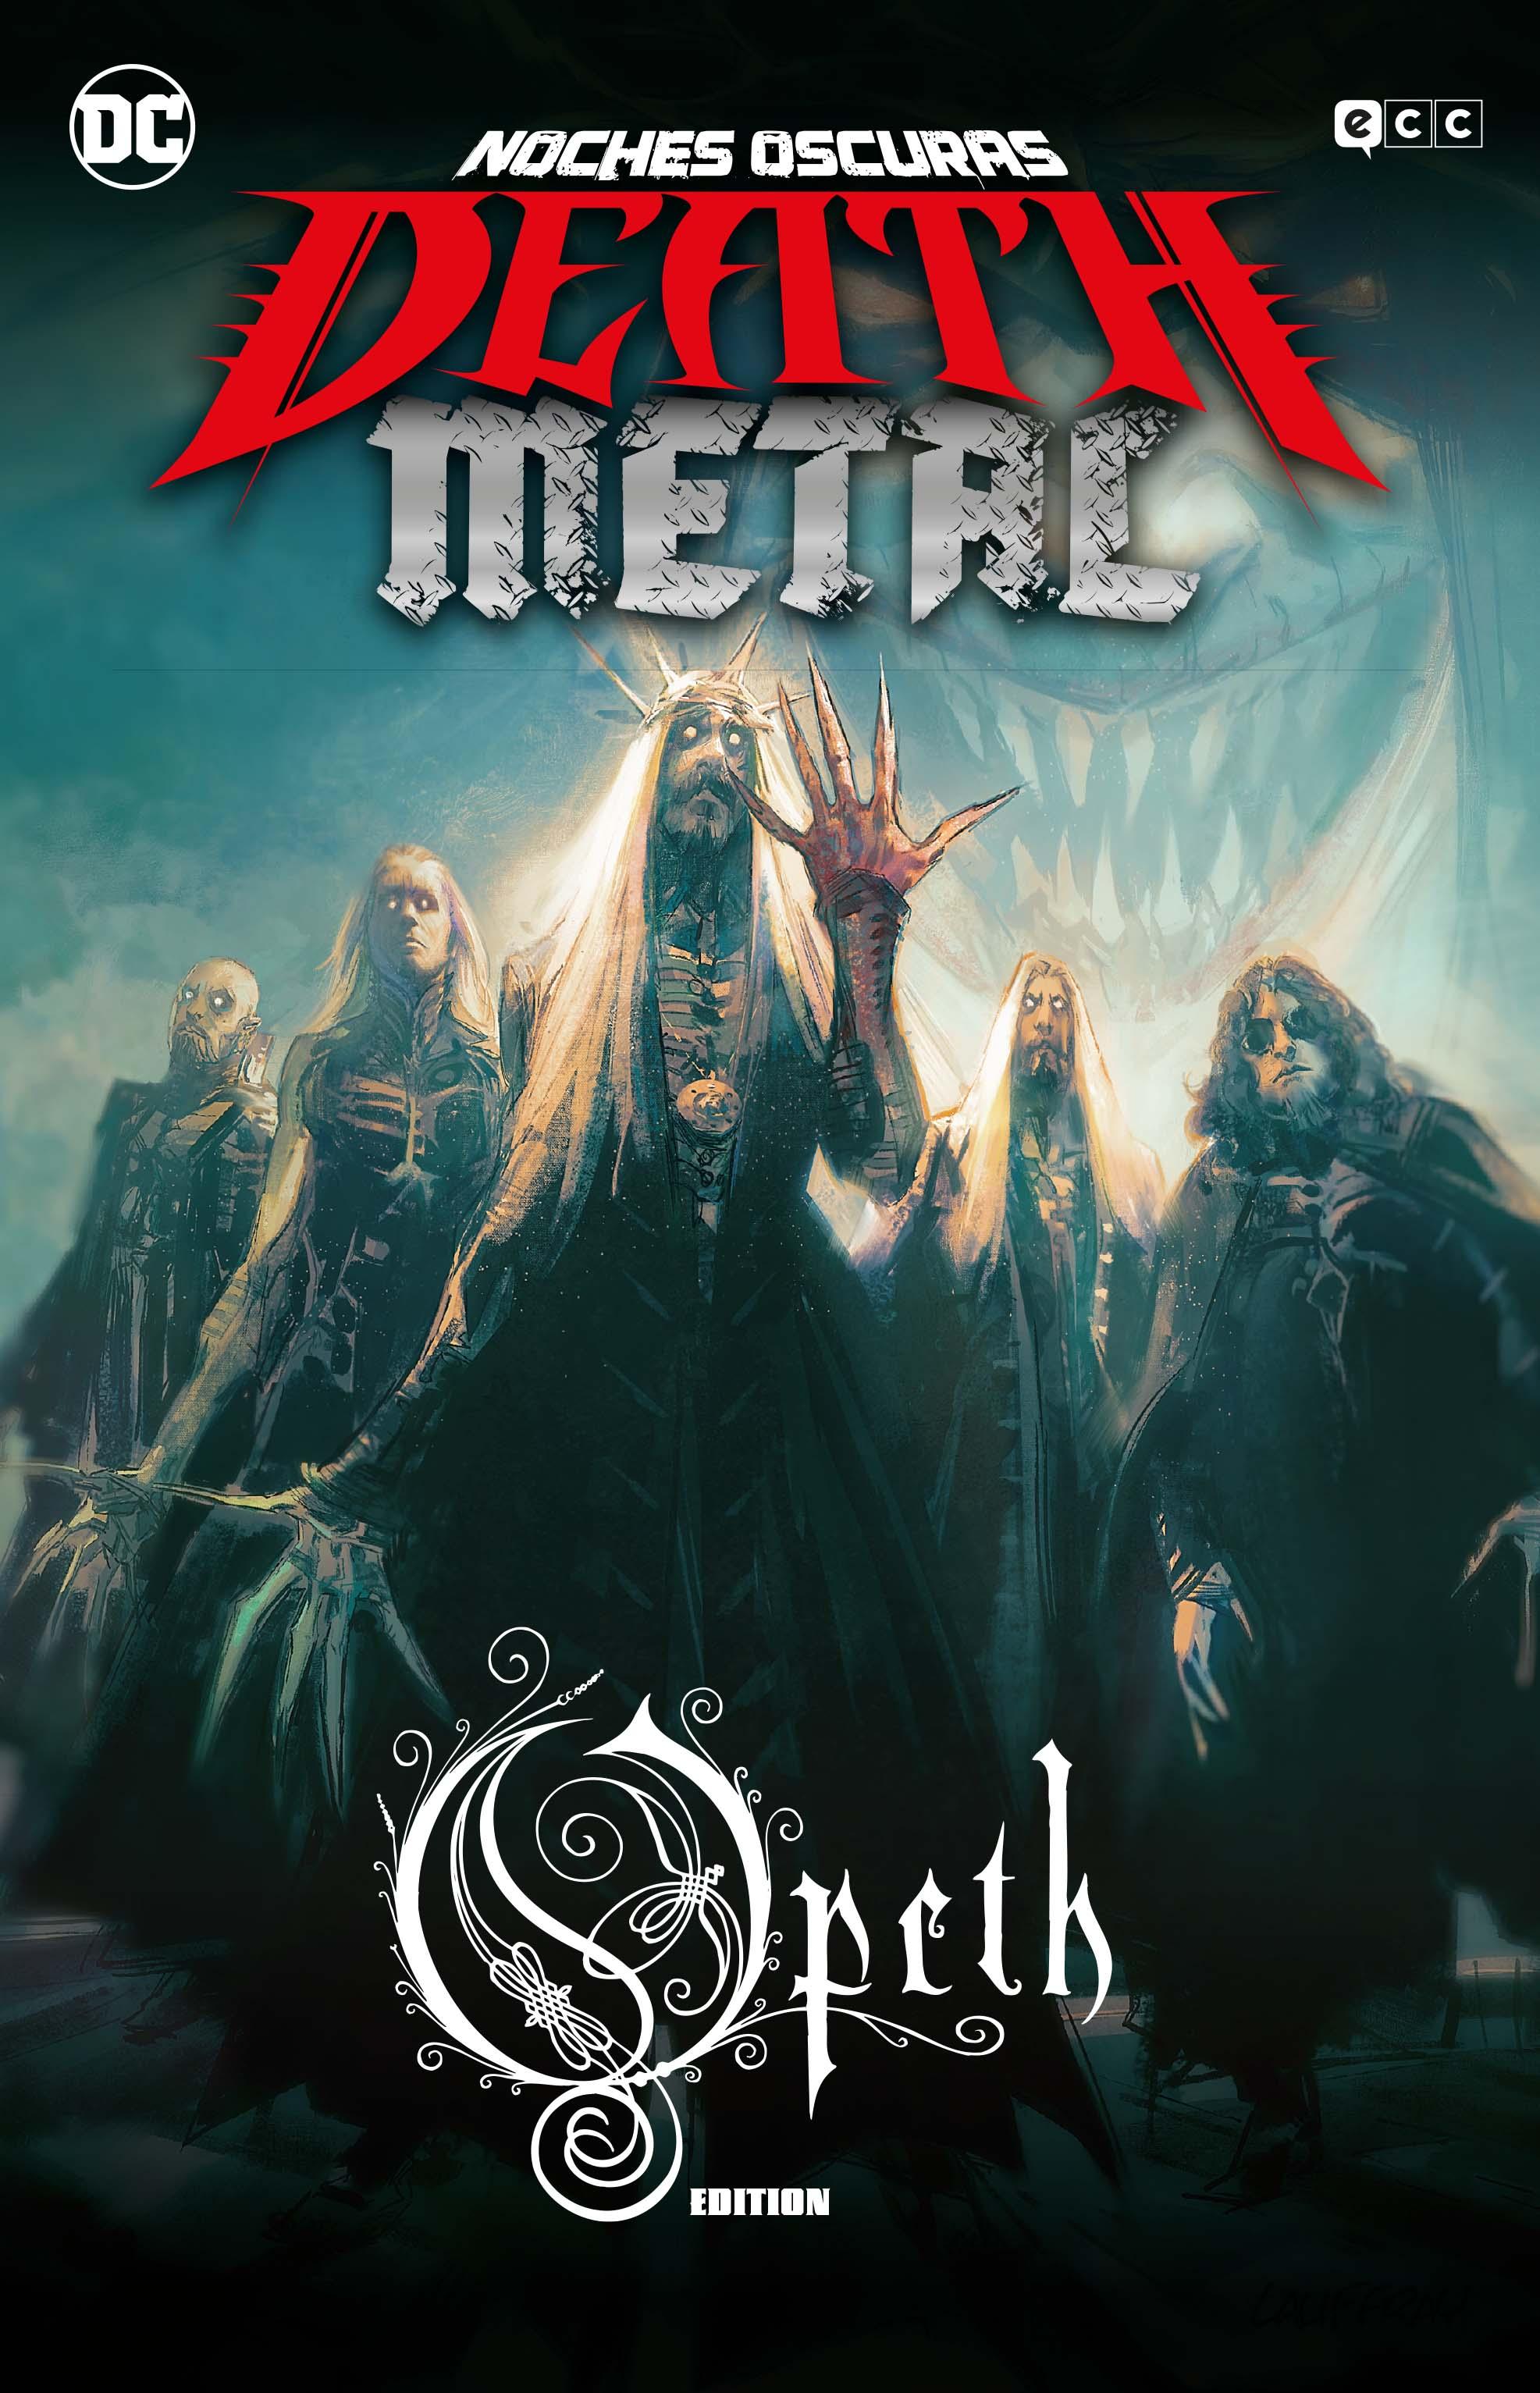 ECC - Noches oscuras: Death Metal núm. 4 (Opeth Band Edition) (Cartoné)